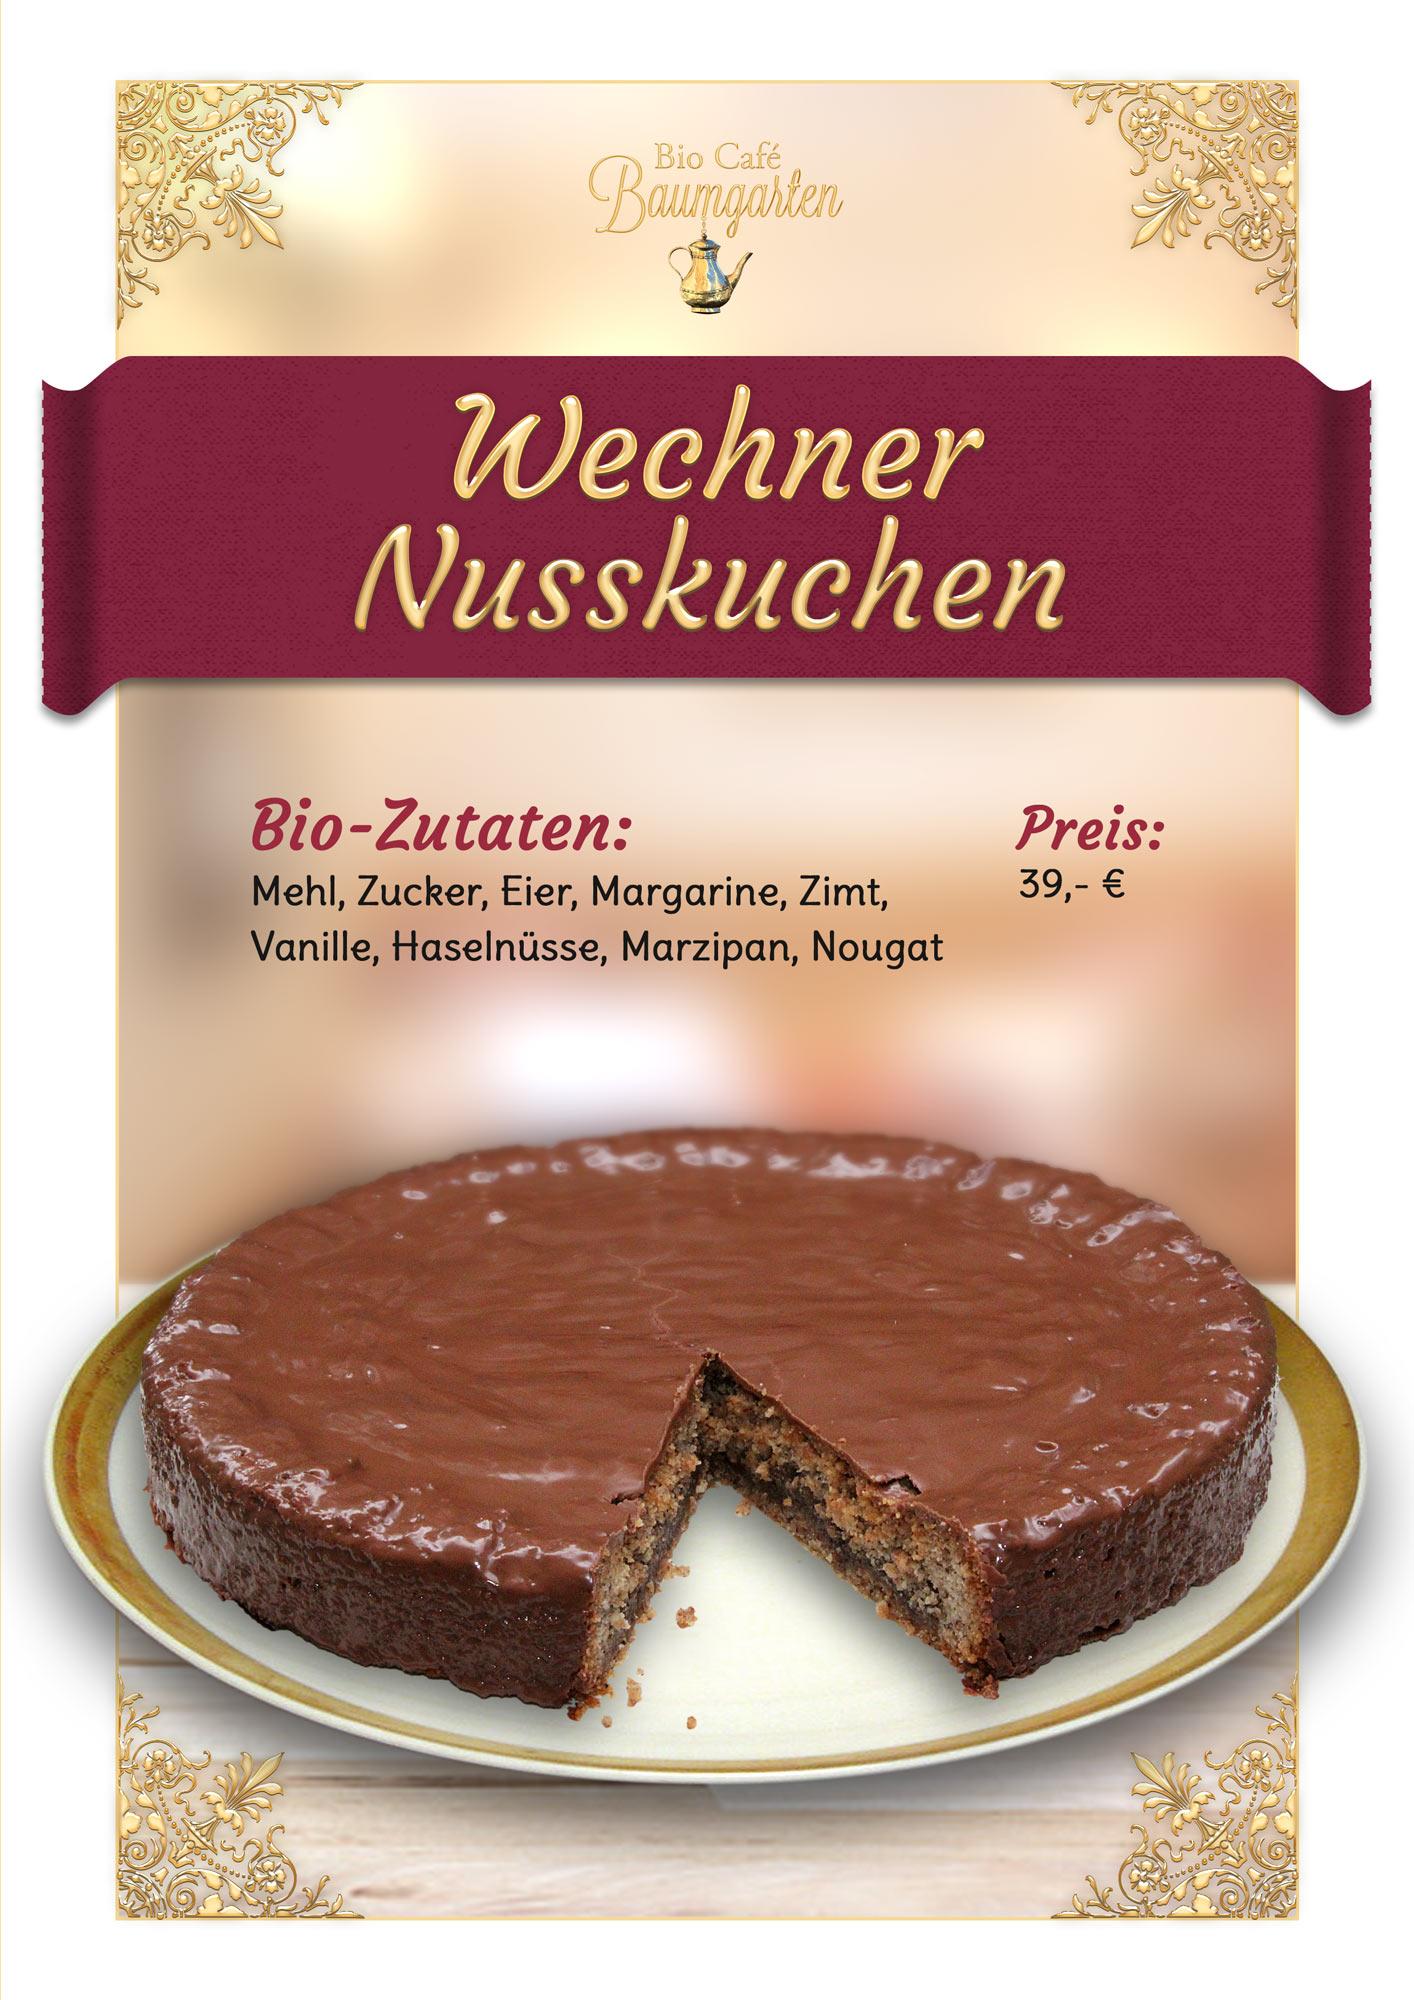 Wechner-Nusskuchen